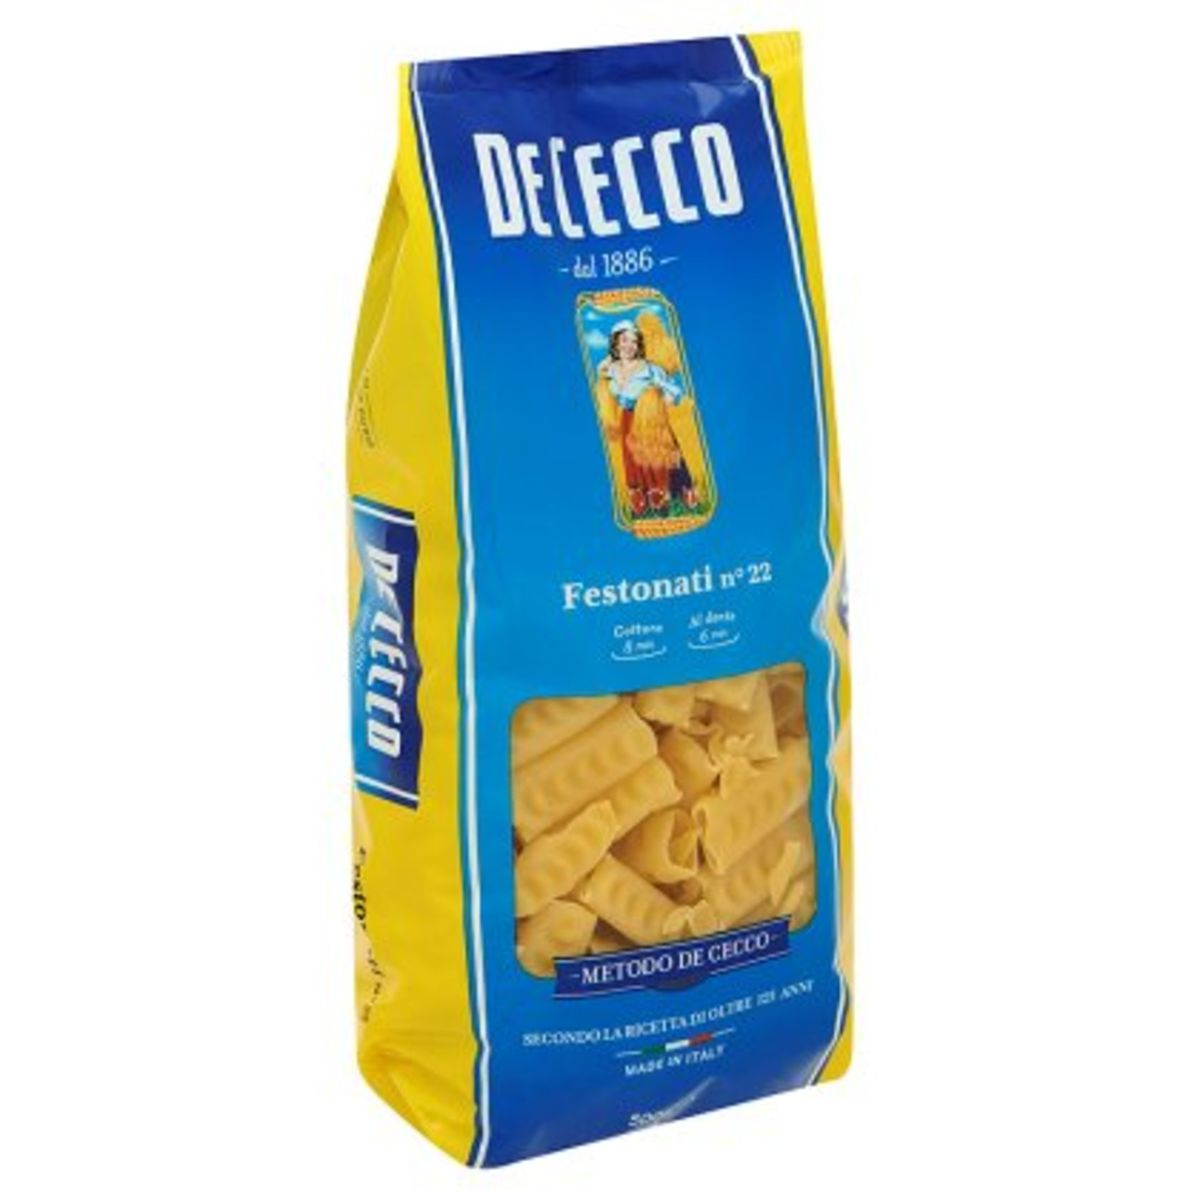 De Cecco Festonati n°22 500 g